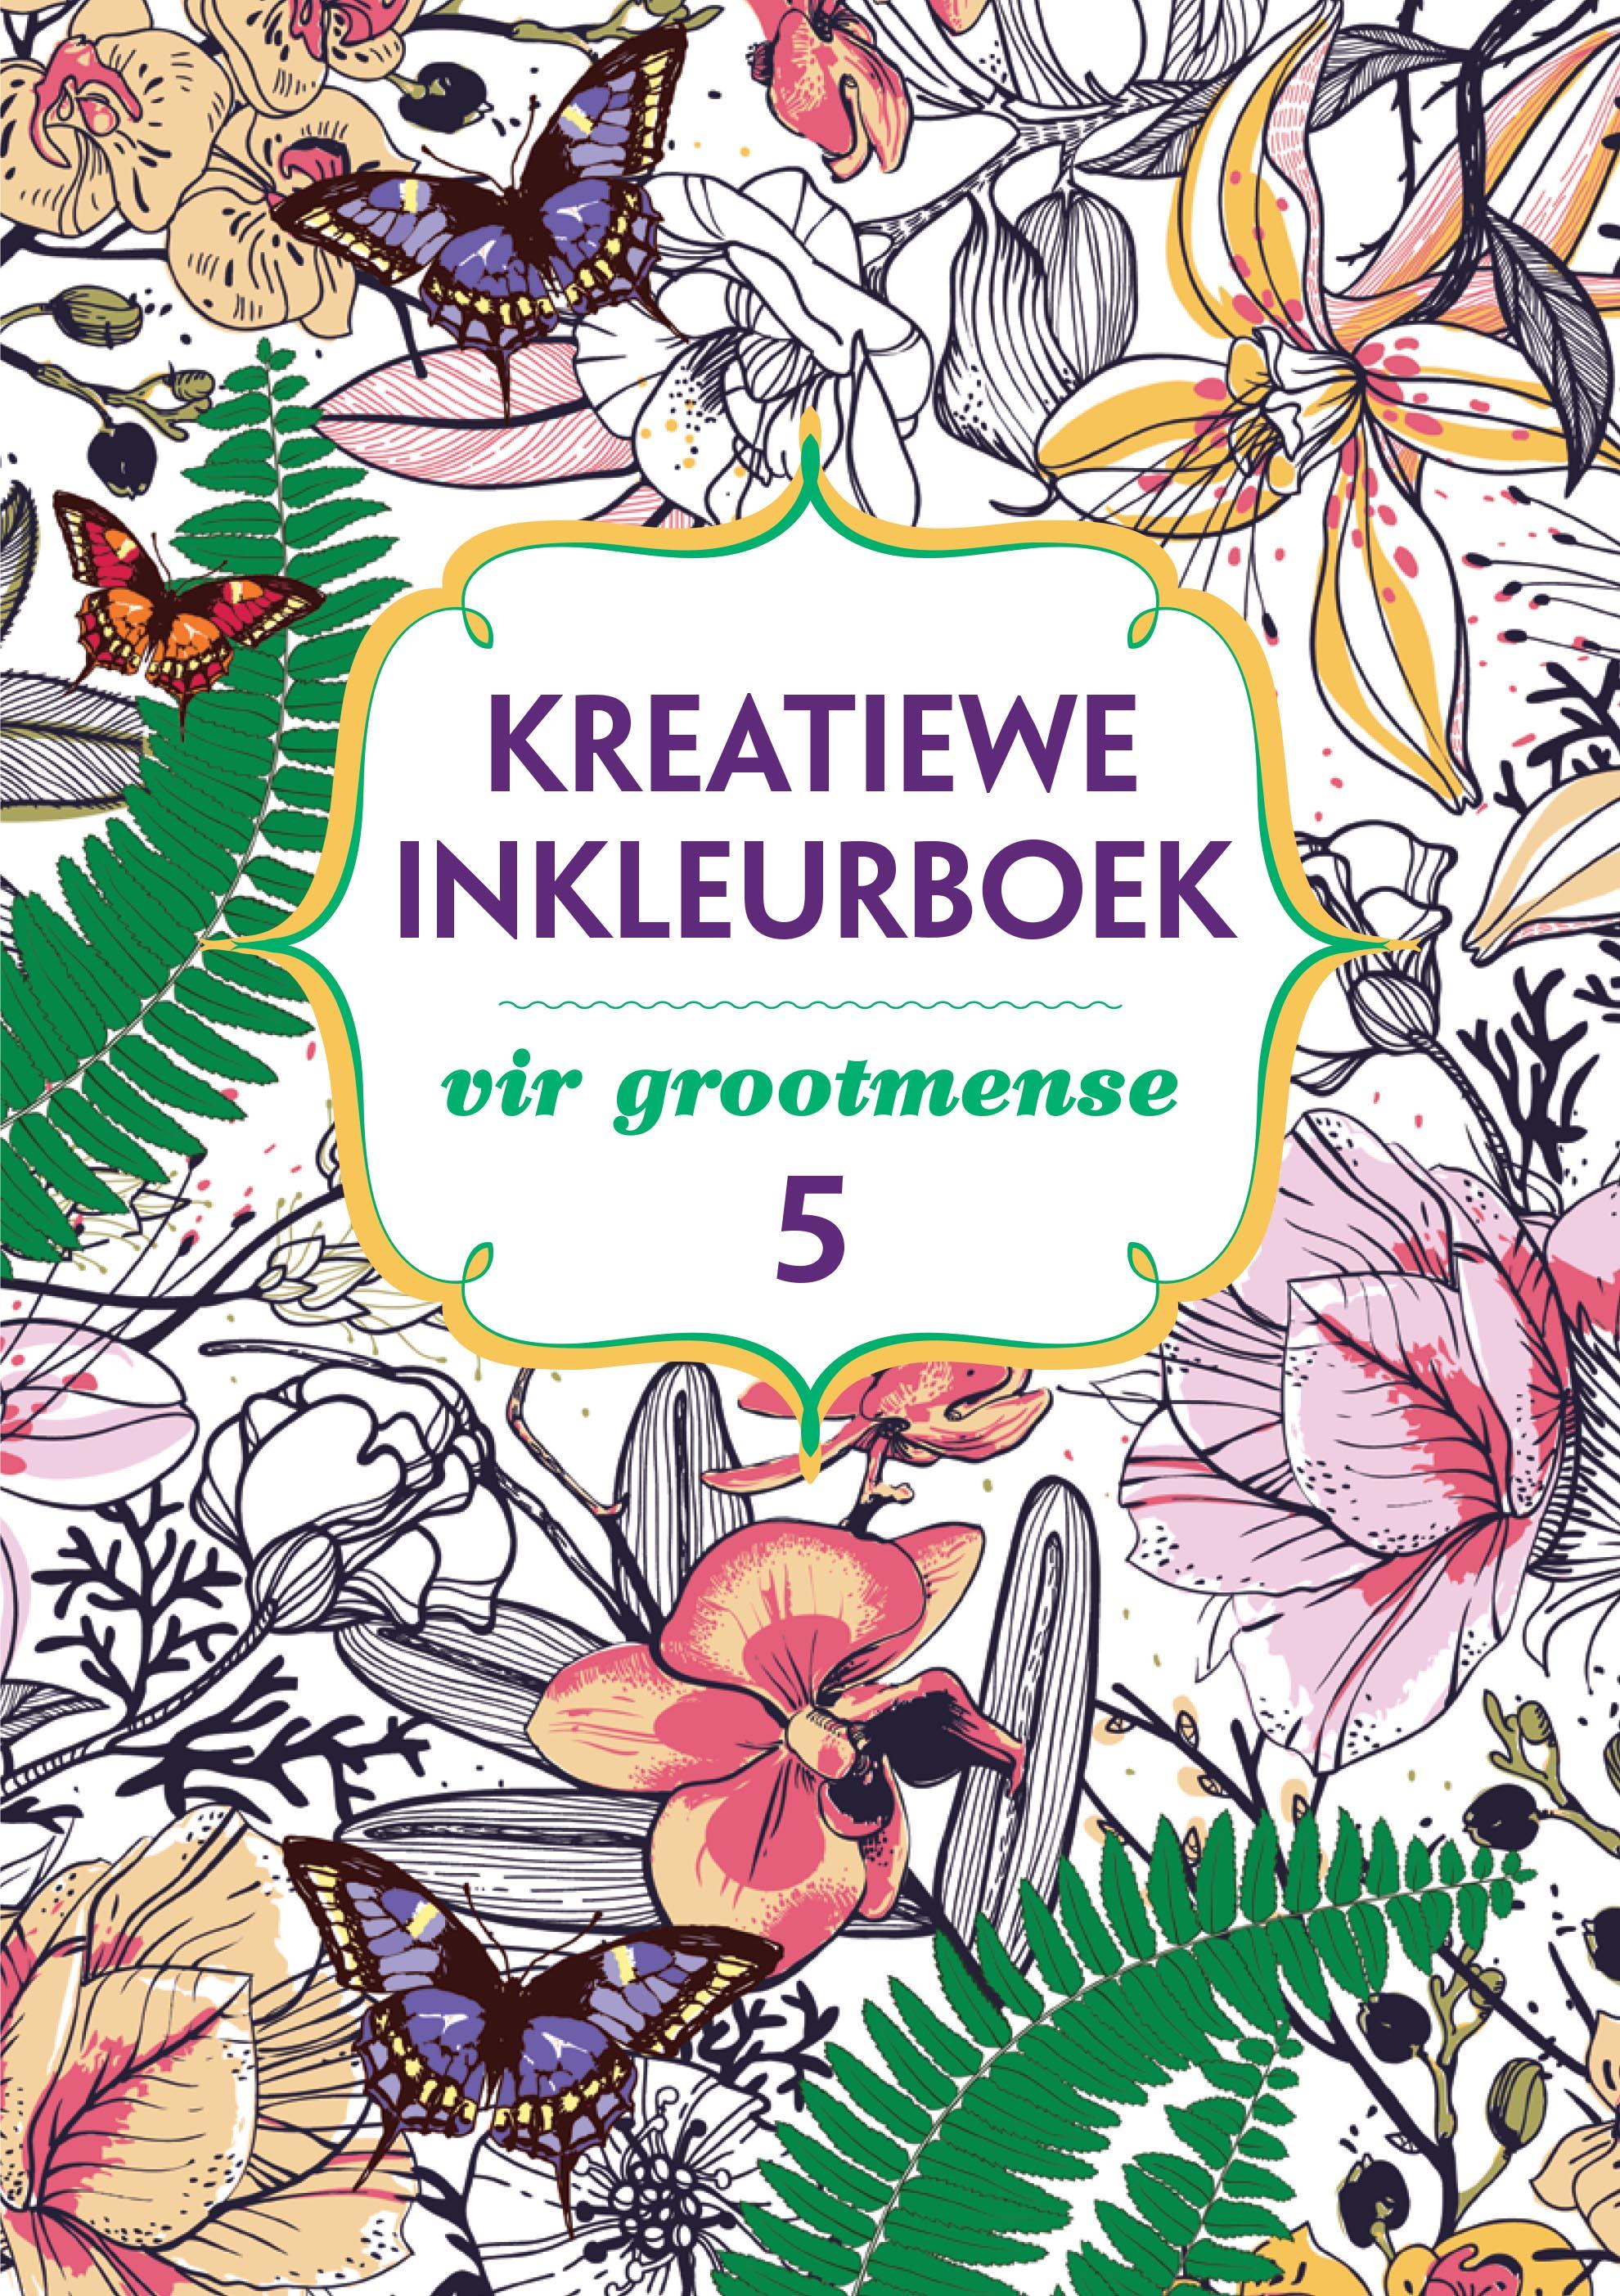 Picture of Kreatiewe inkleurboek vir grootmense 5